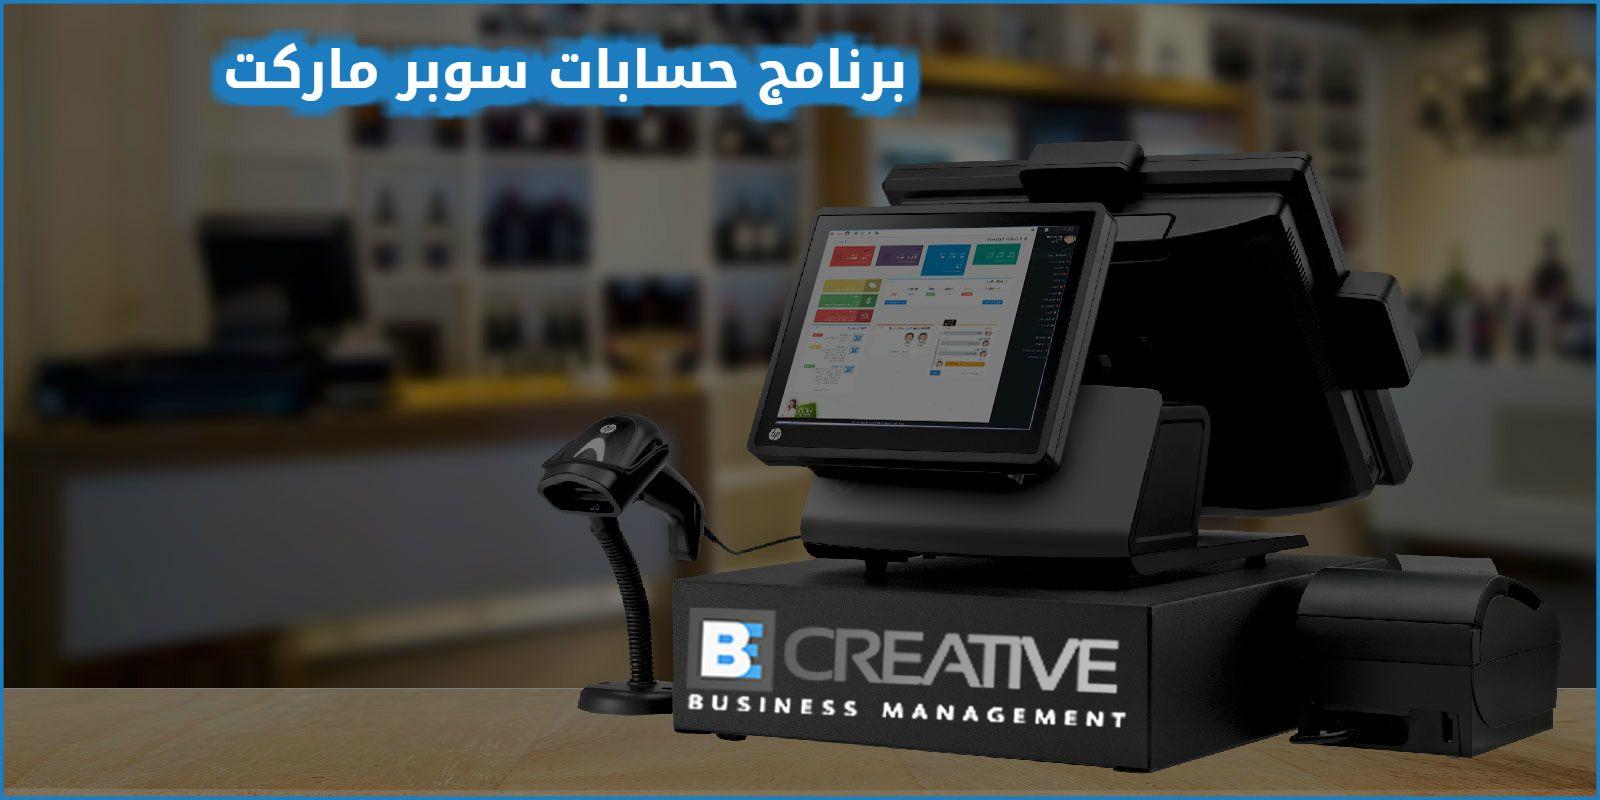 برنامج سوبر ماركت أفضل برنامج لأدارة السوبر ماركت كاشير اون لاين Supermarket Creative Business Business Management